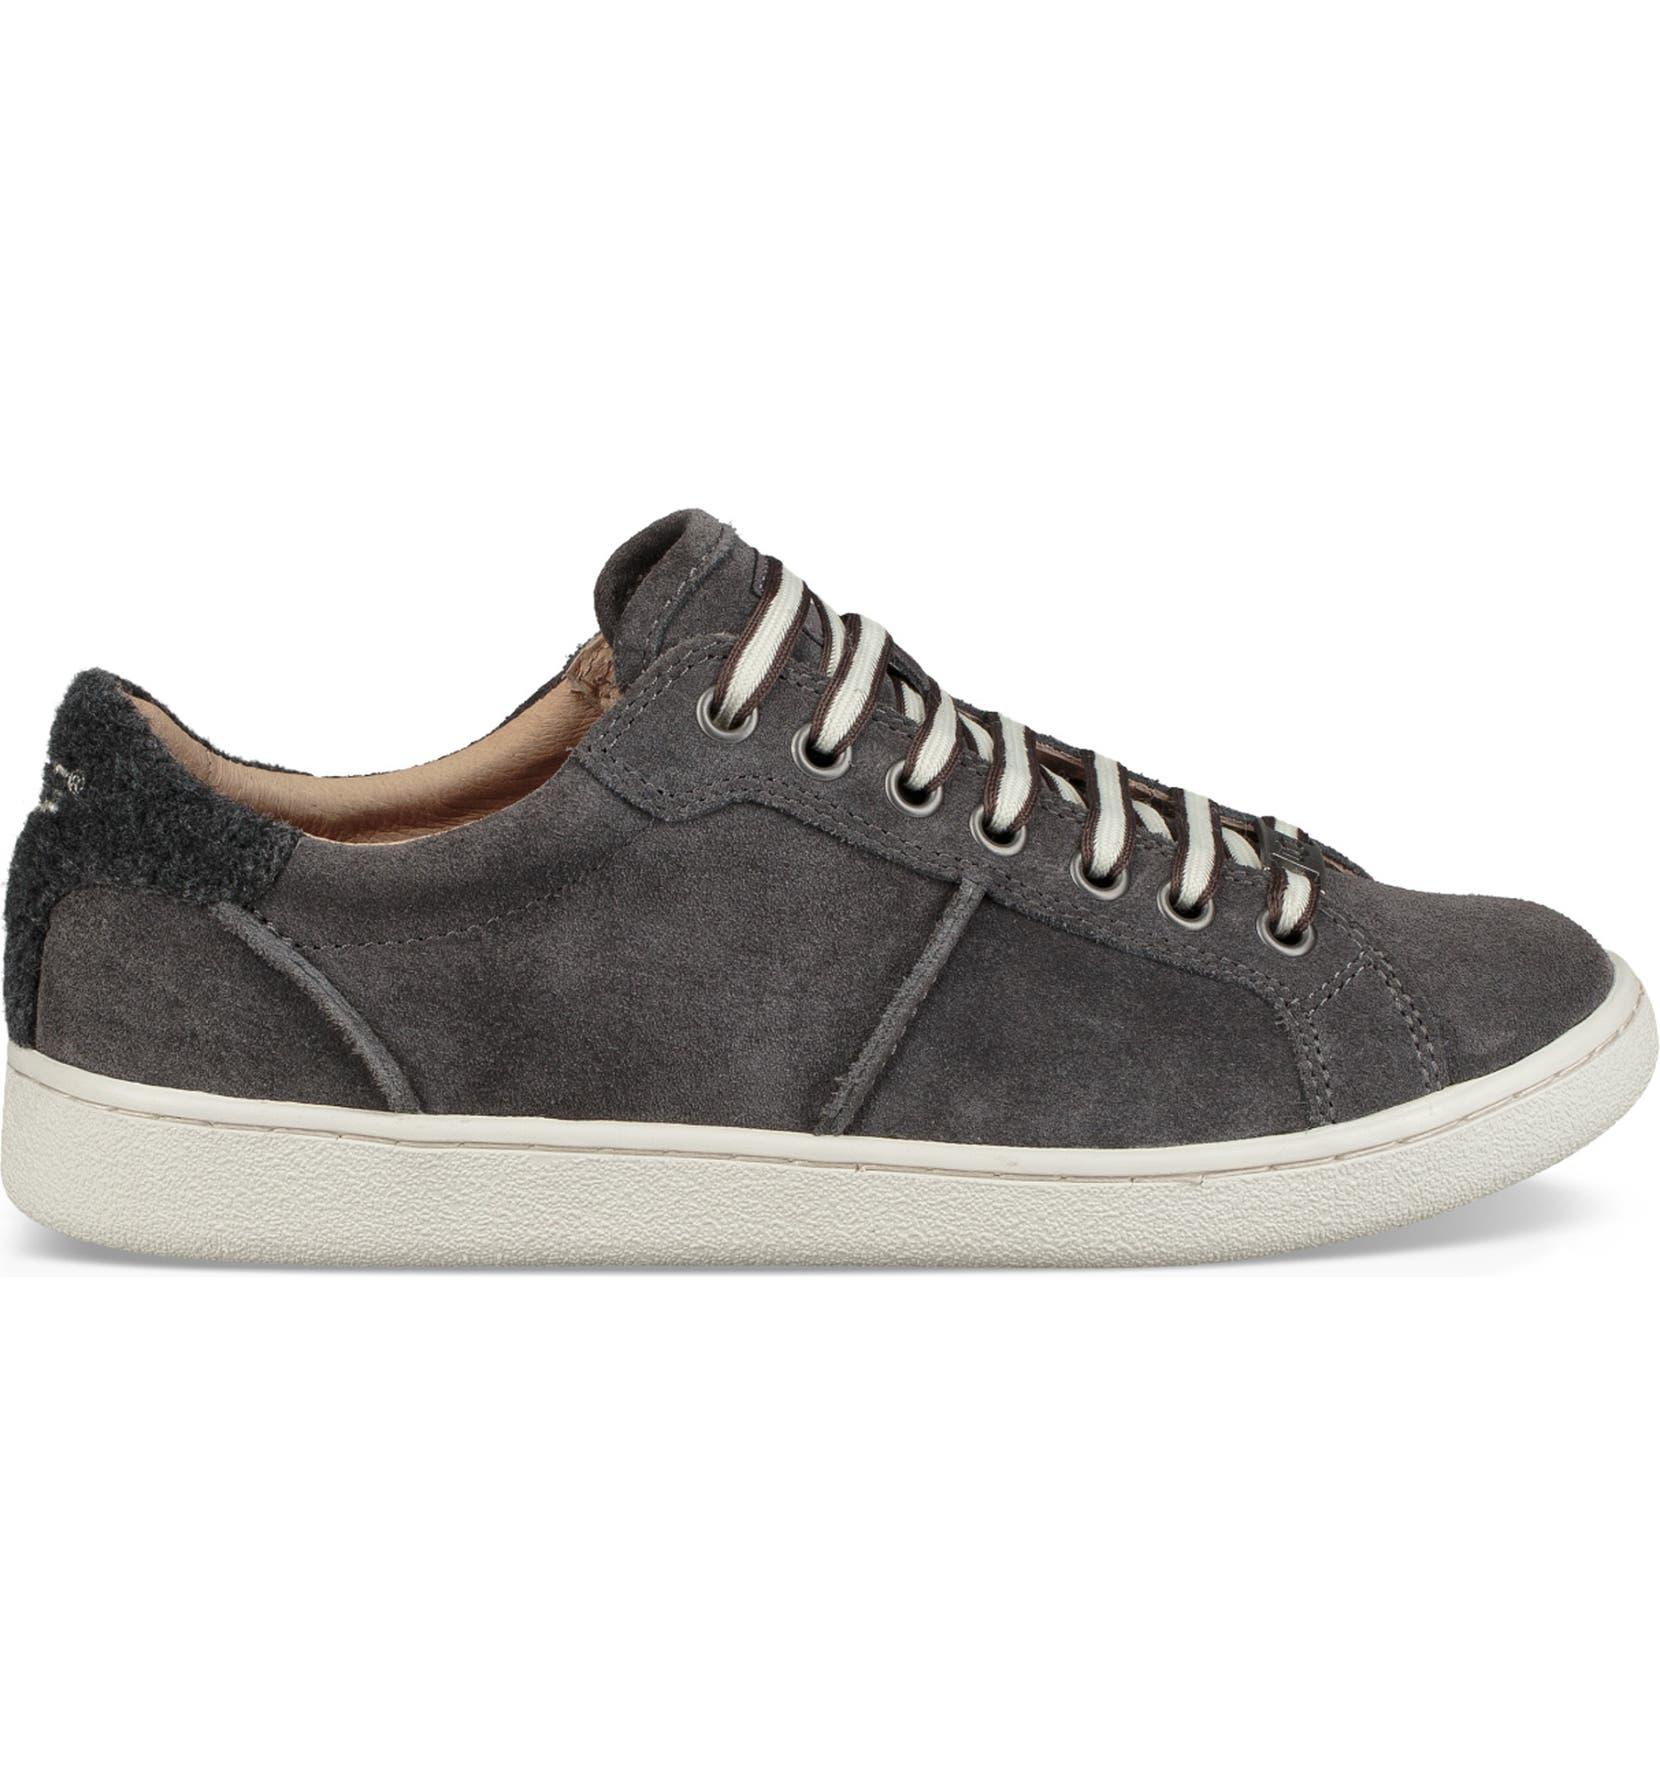 8490b505029 Milo Sneaker